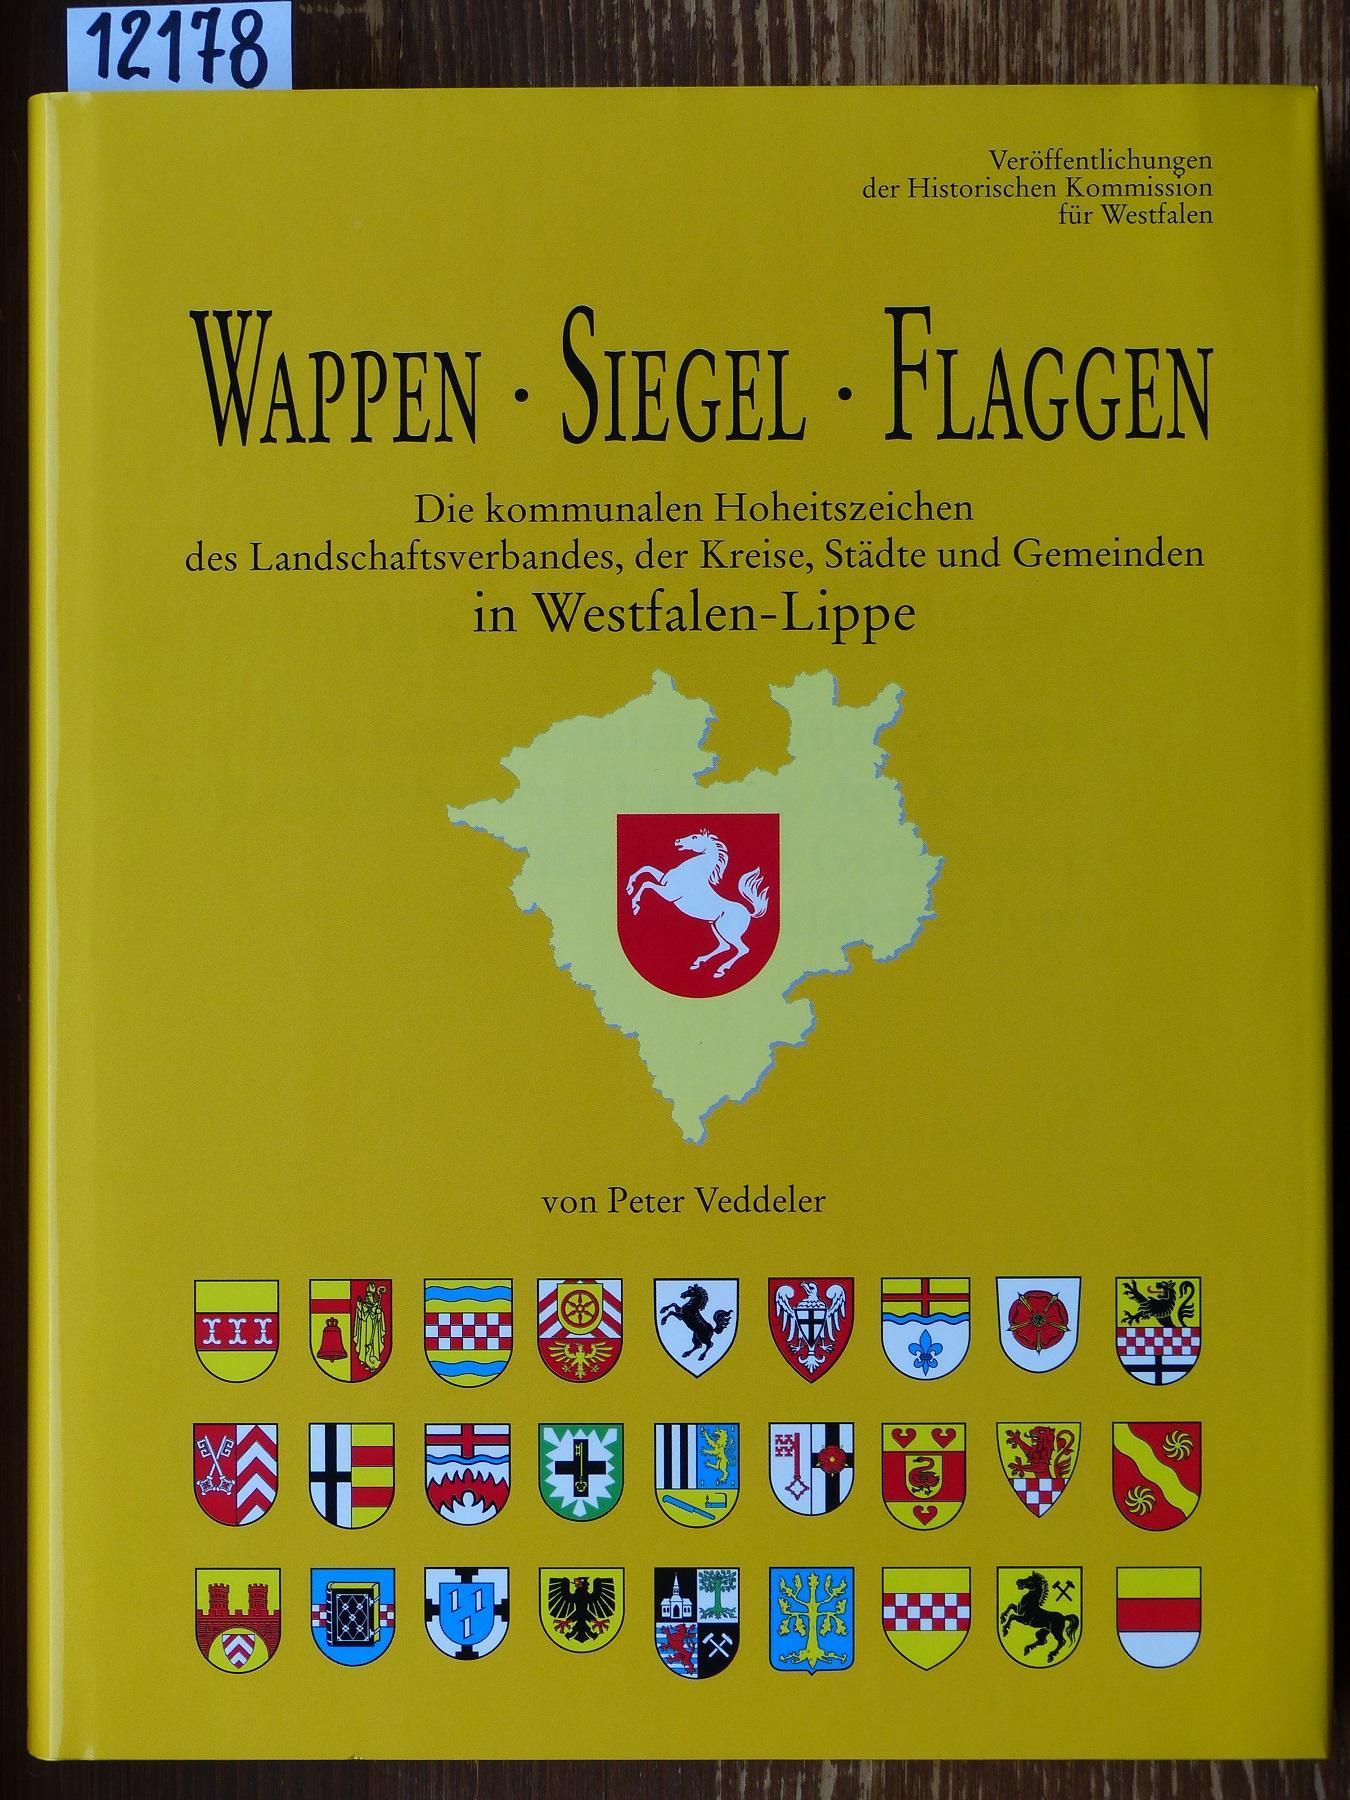 Wappen, Siegel, Flaggen. Die kommunalen Hoheitszeichen des Landschaftsverbandes, der Kreise, Städte und Gemeinden in Westfalen-Lippe. - Veddeler, Peter